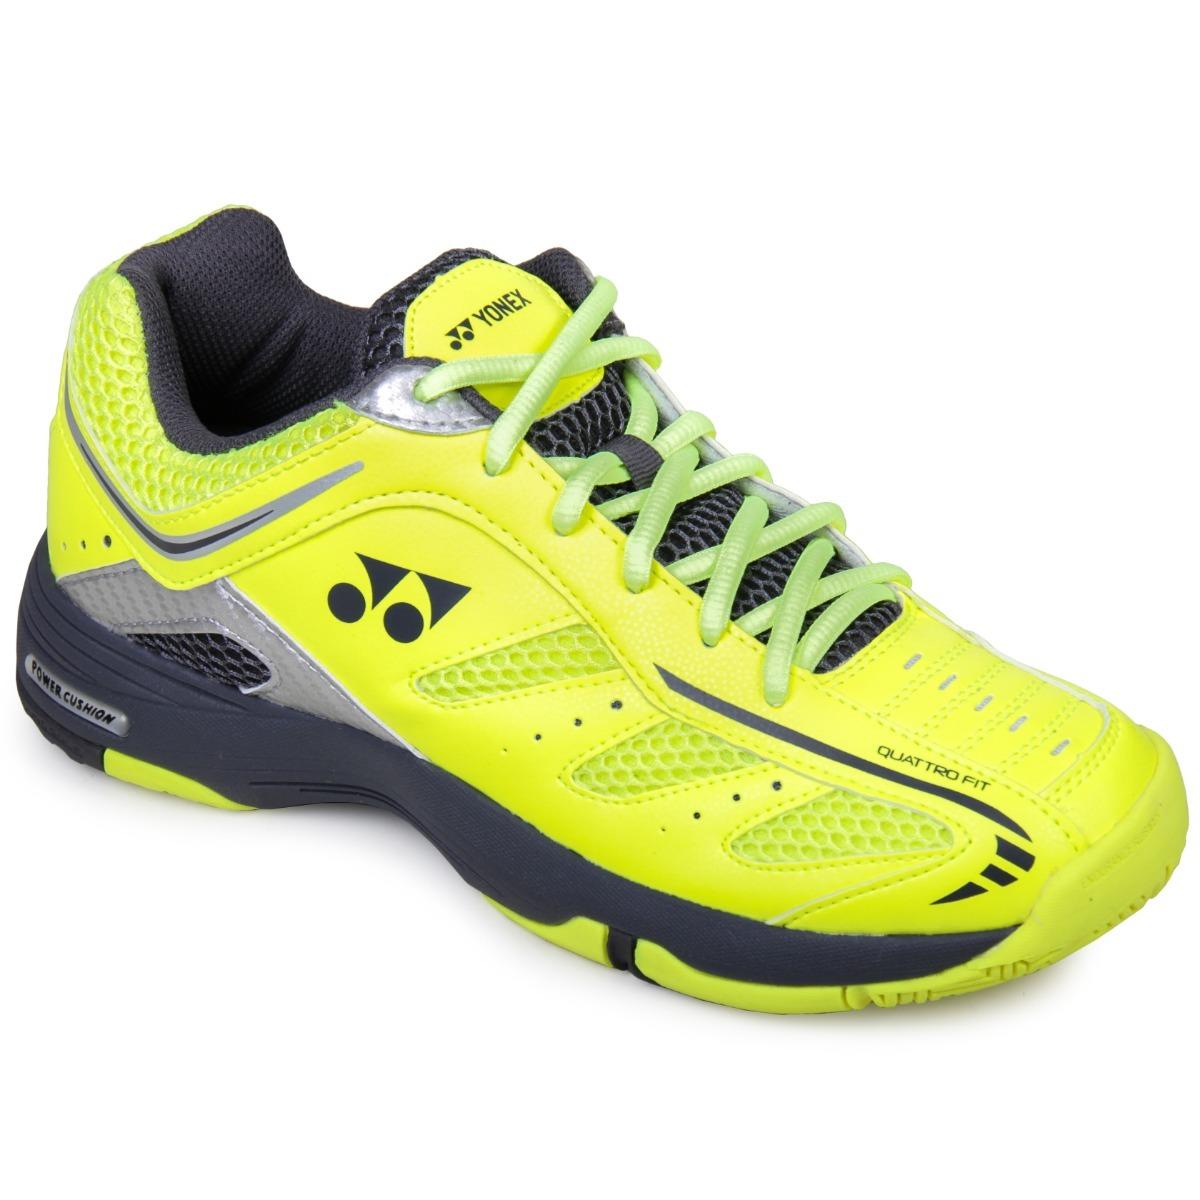 b9c4eb0027176 zapatillas yonex cefiro tenis hombre mujer niño cuero import. Cargando zoom.